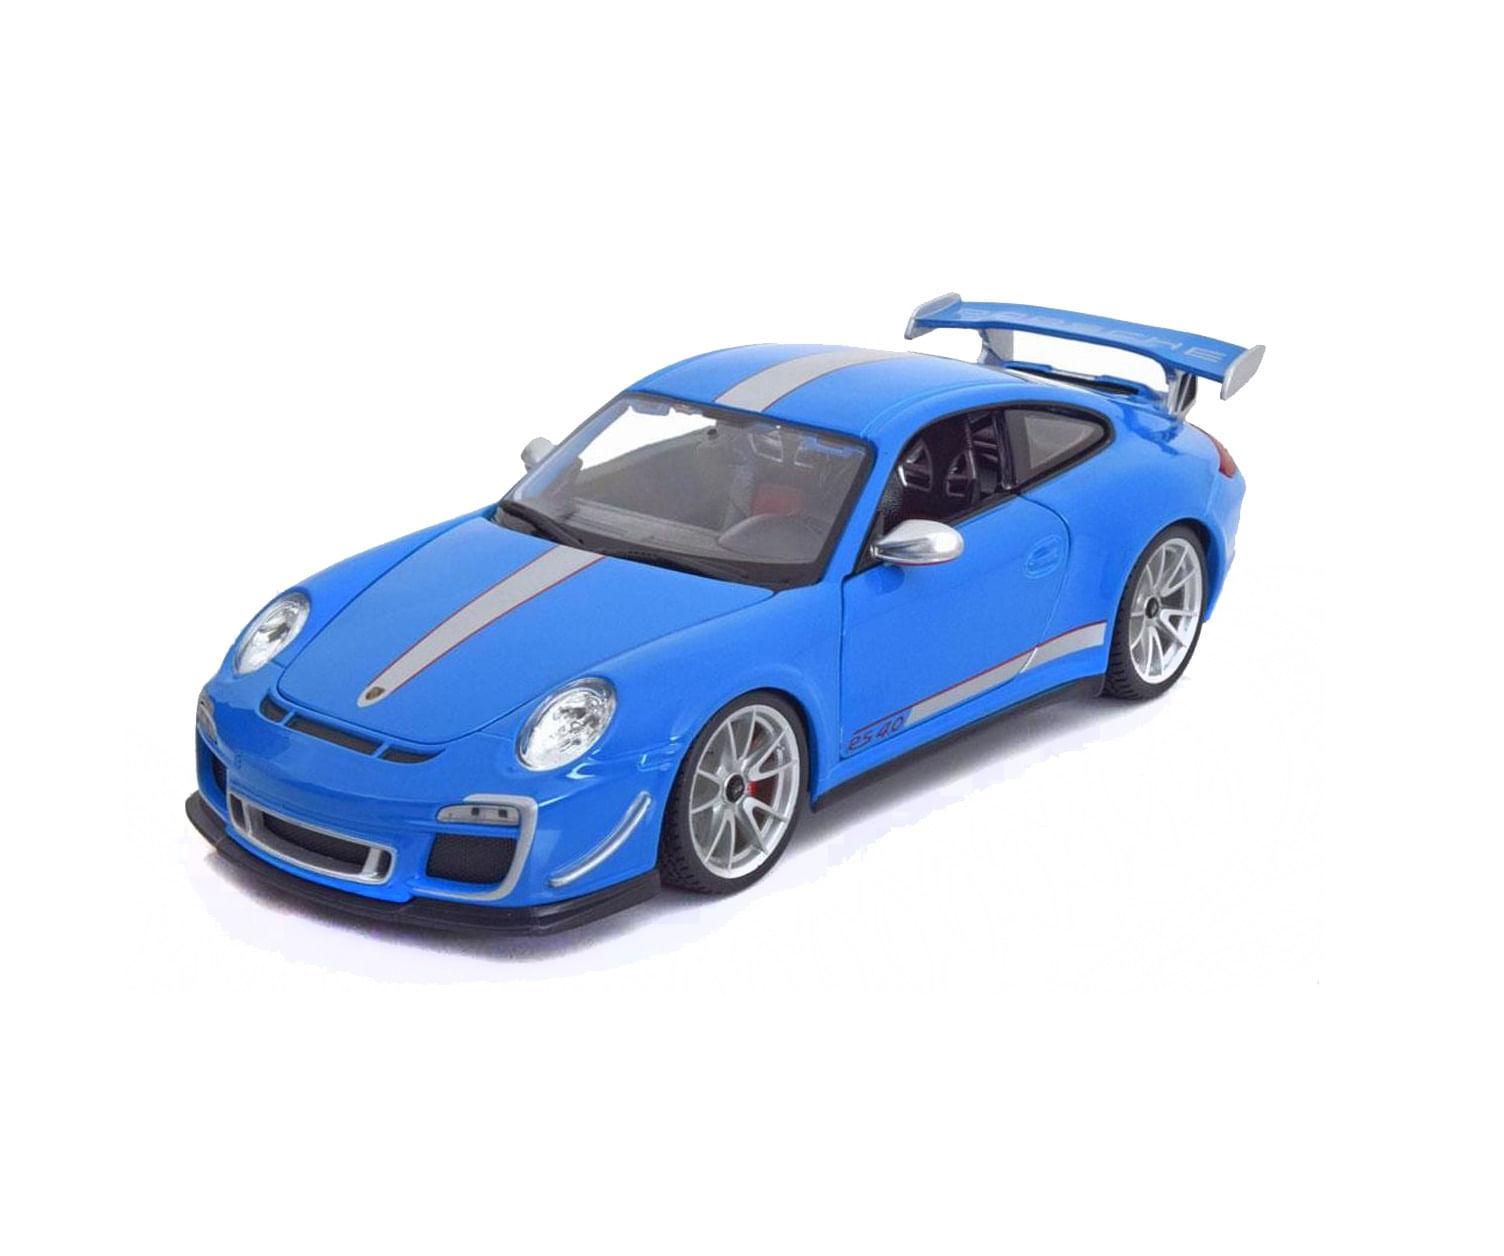 Miniatura Carro Porsche 911 Gt3 Rs 4 0 1 18 Bburago Plus Bur11036 Bumerang Brinquedos